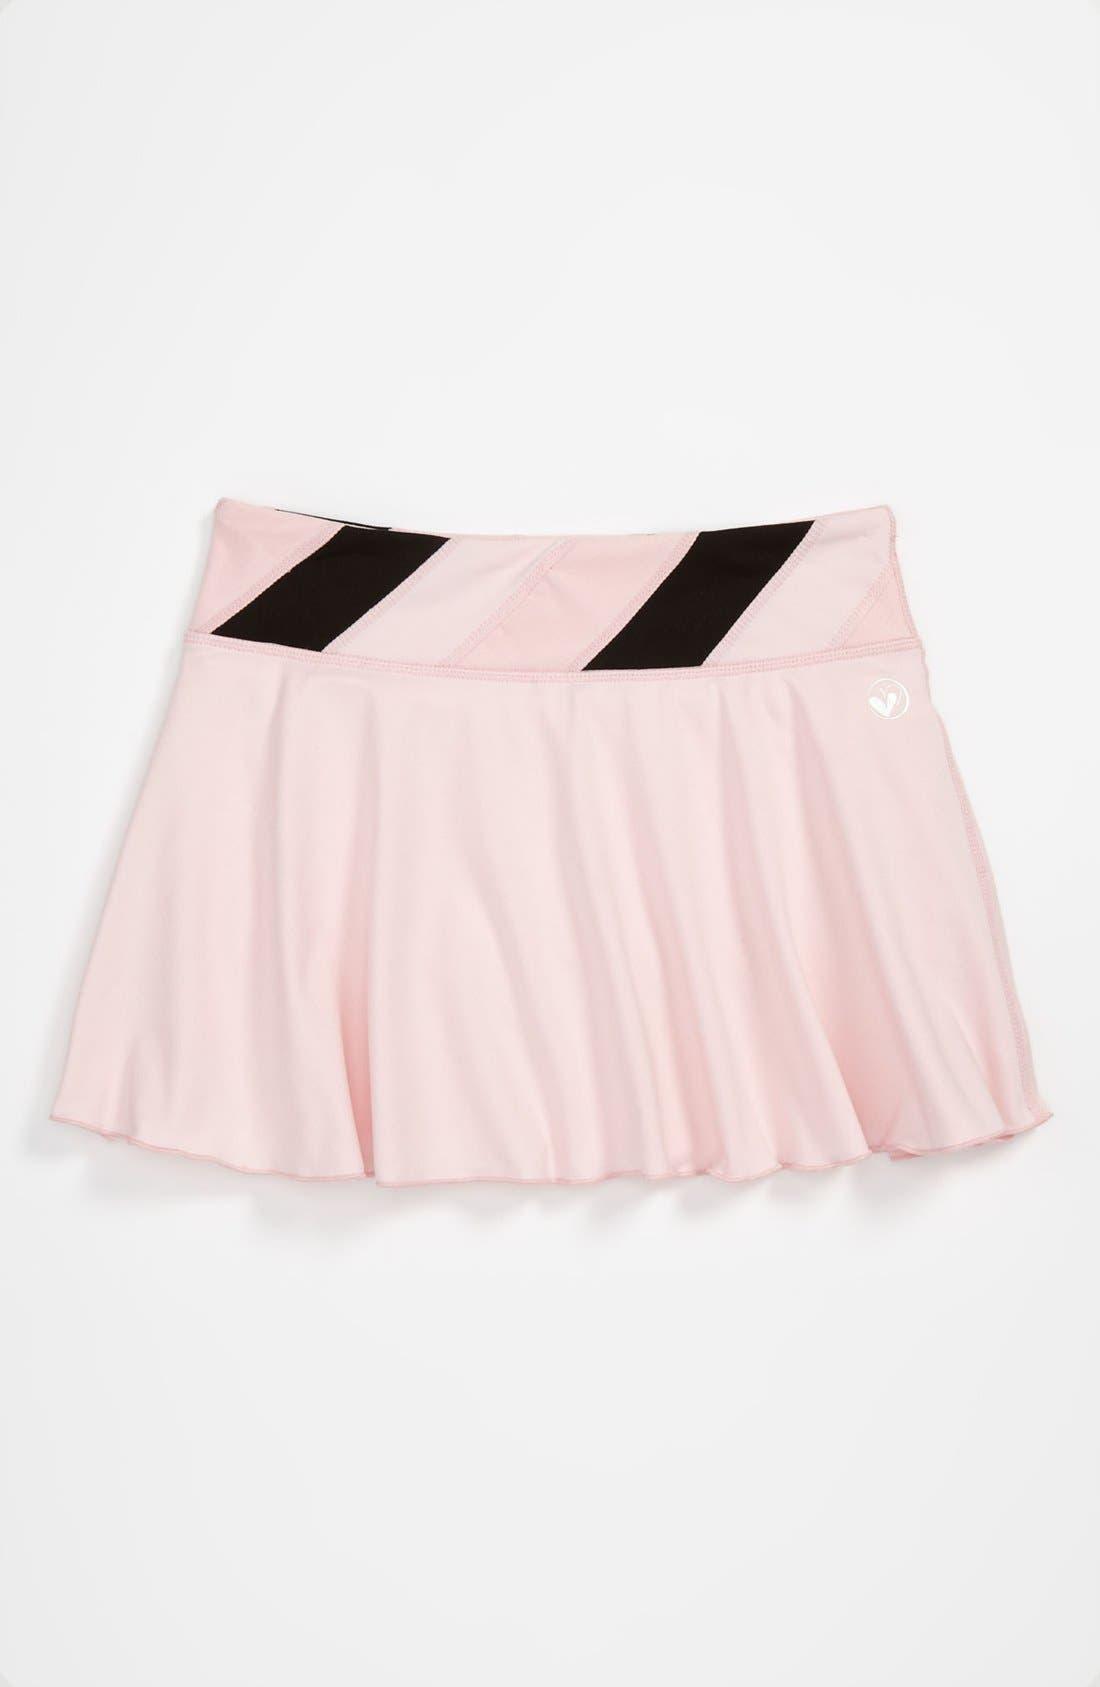 Alternate Image 1 Selected - Limeapple Scooter Skirt (Little Girls & Big Girls)